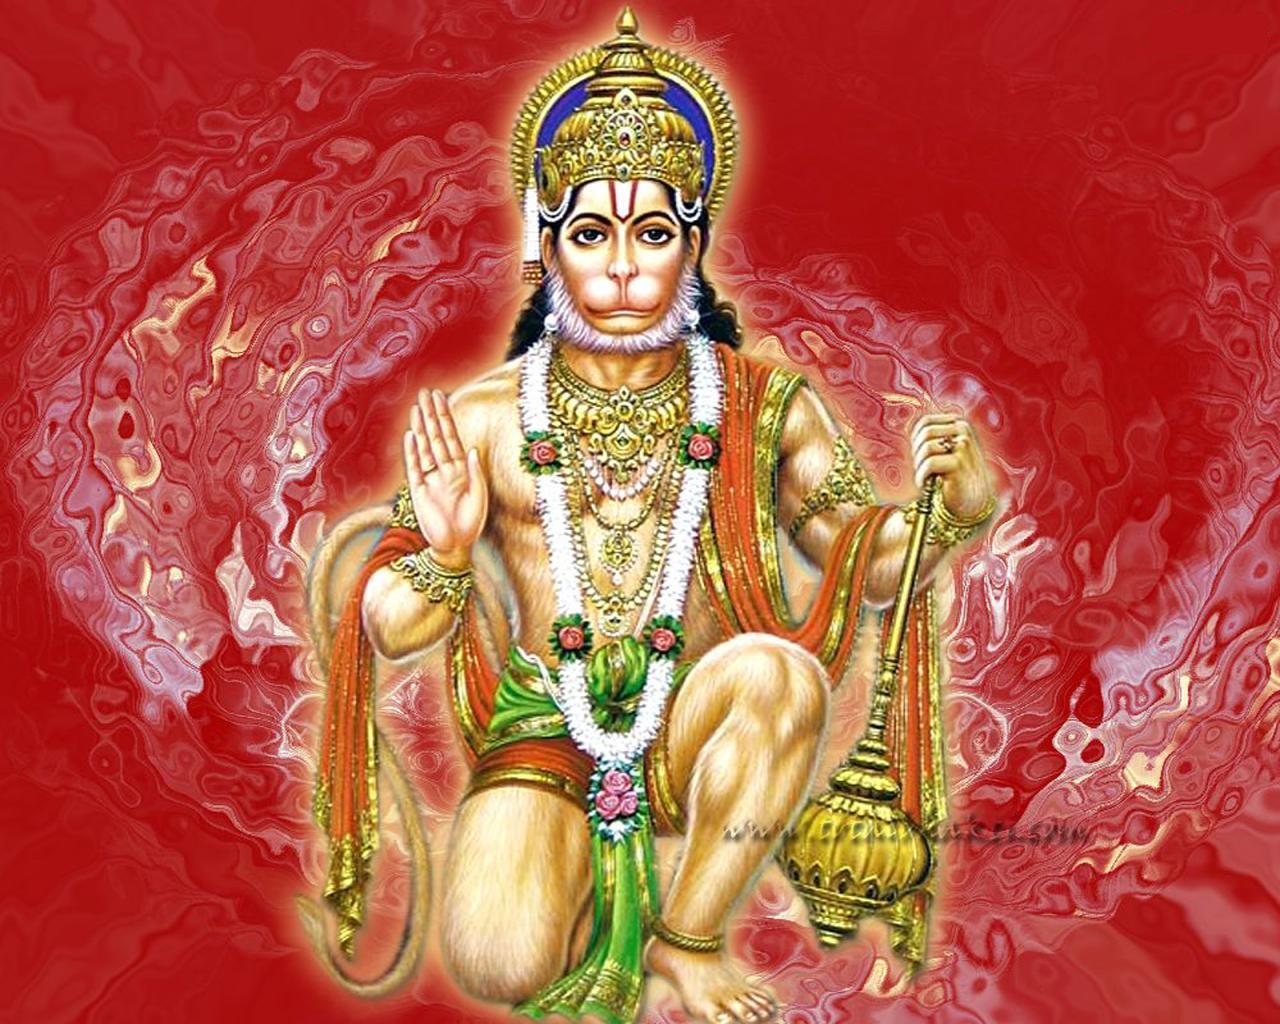 http://1.bp.blogspot.com/-fH4XHQb9La0/TeOkZ8Y1-xI/AAAAAAAAAE0/n--8sNNTdew/s1600/Lord+Hanuman.jpg